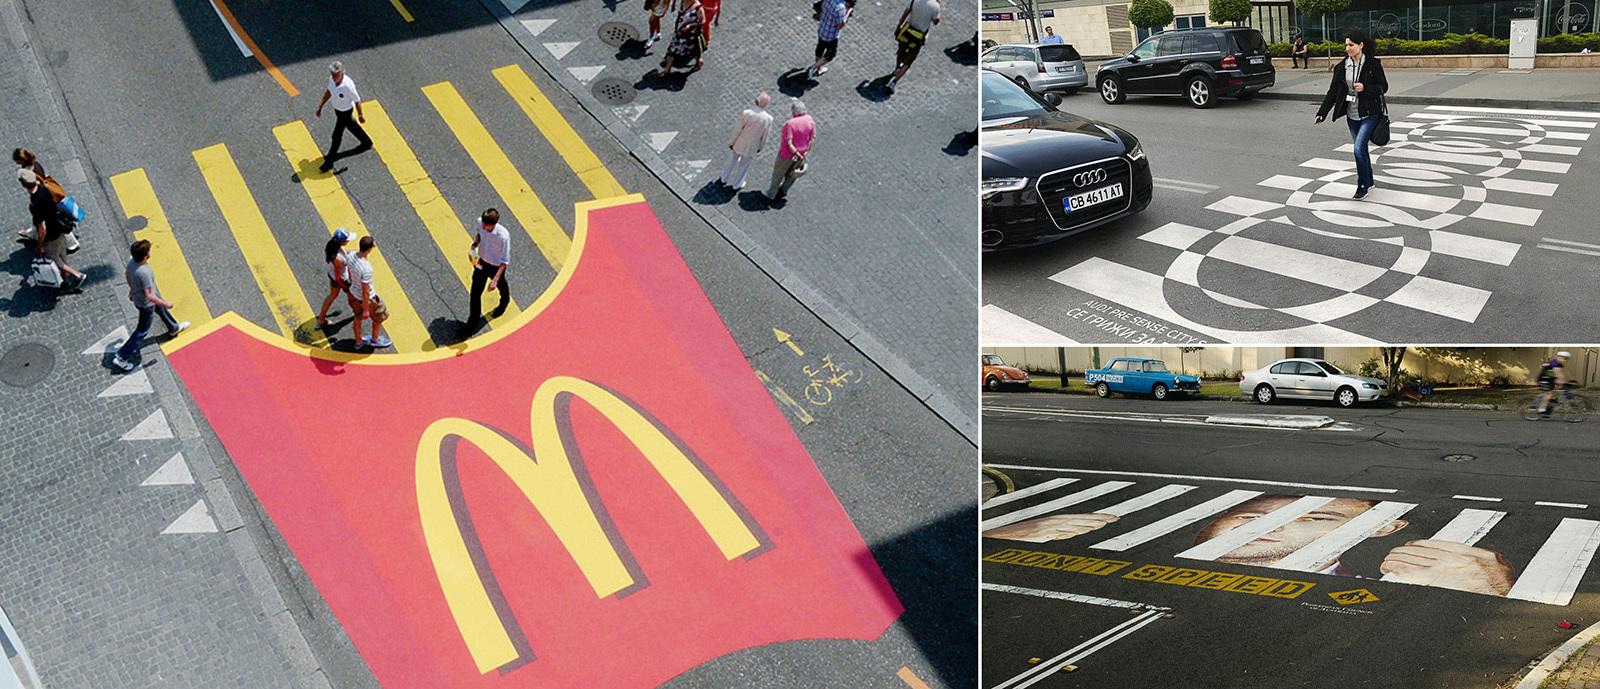 Самые яркие пешеходные переходы 4